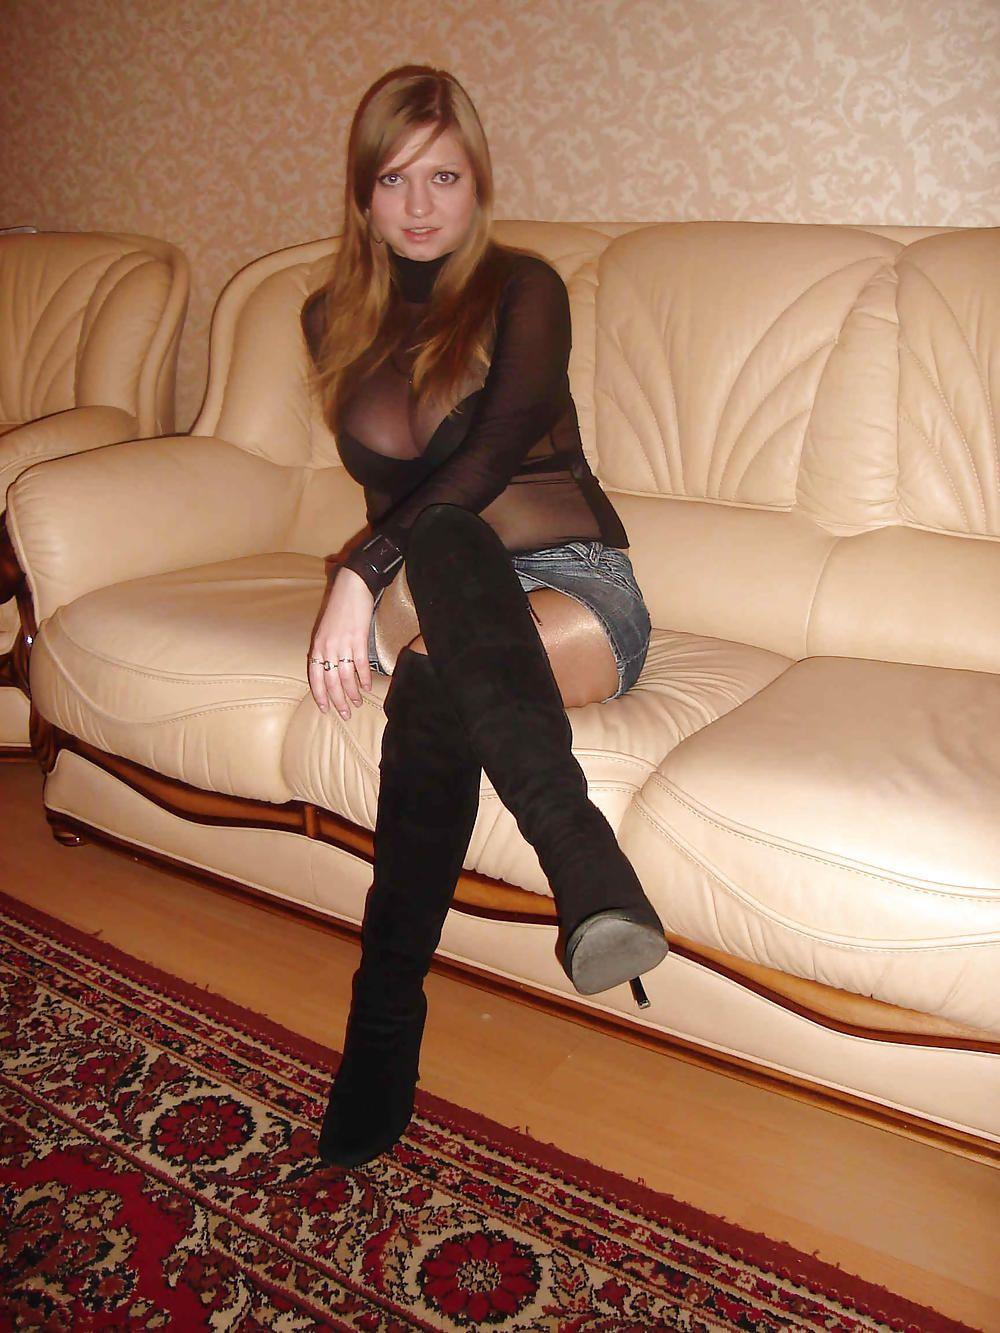 maman boob porno